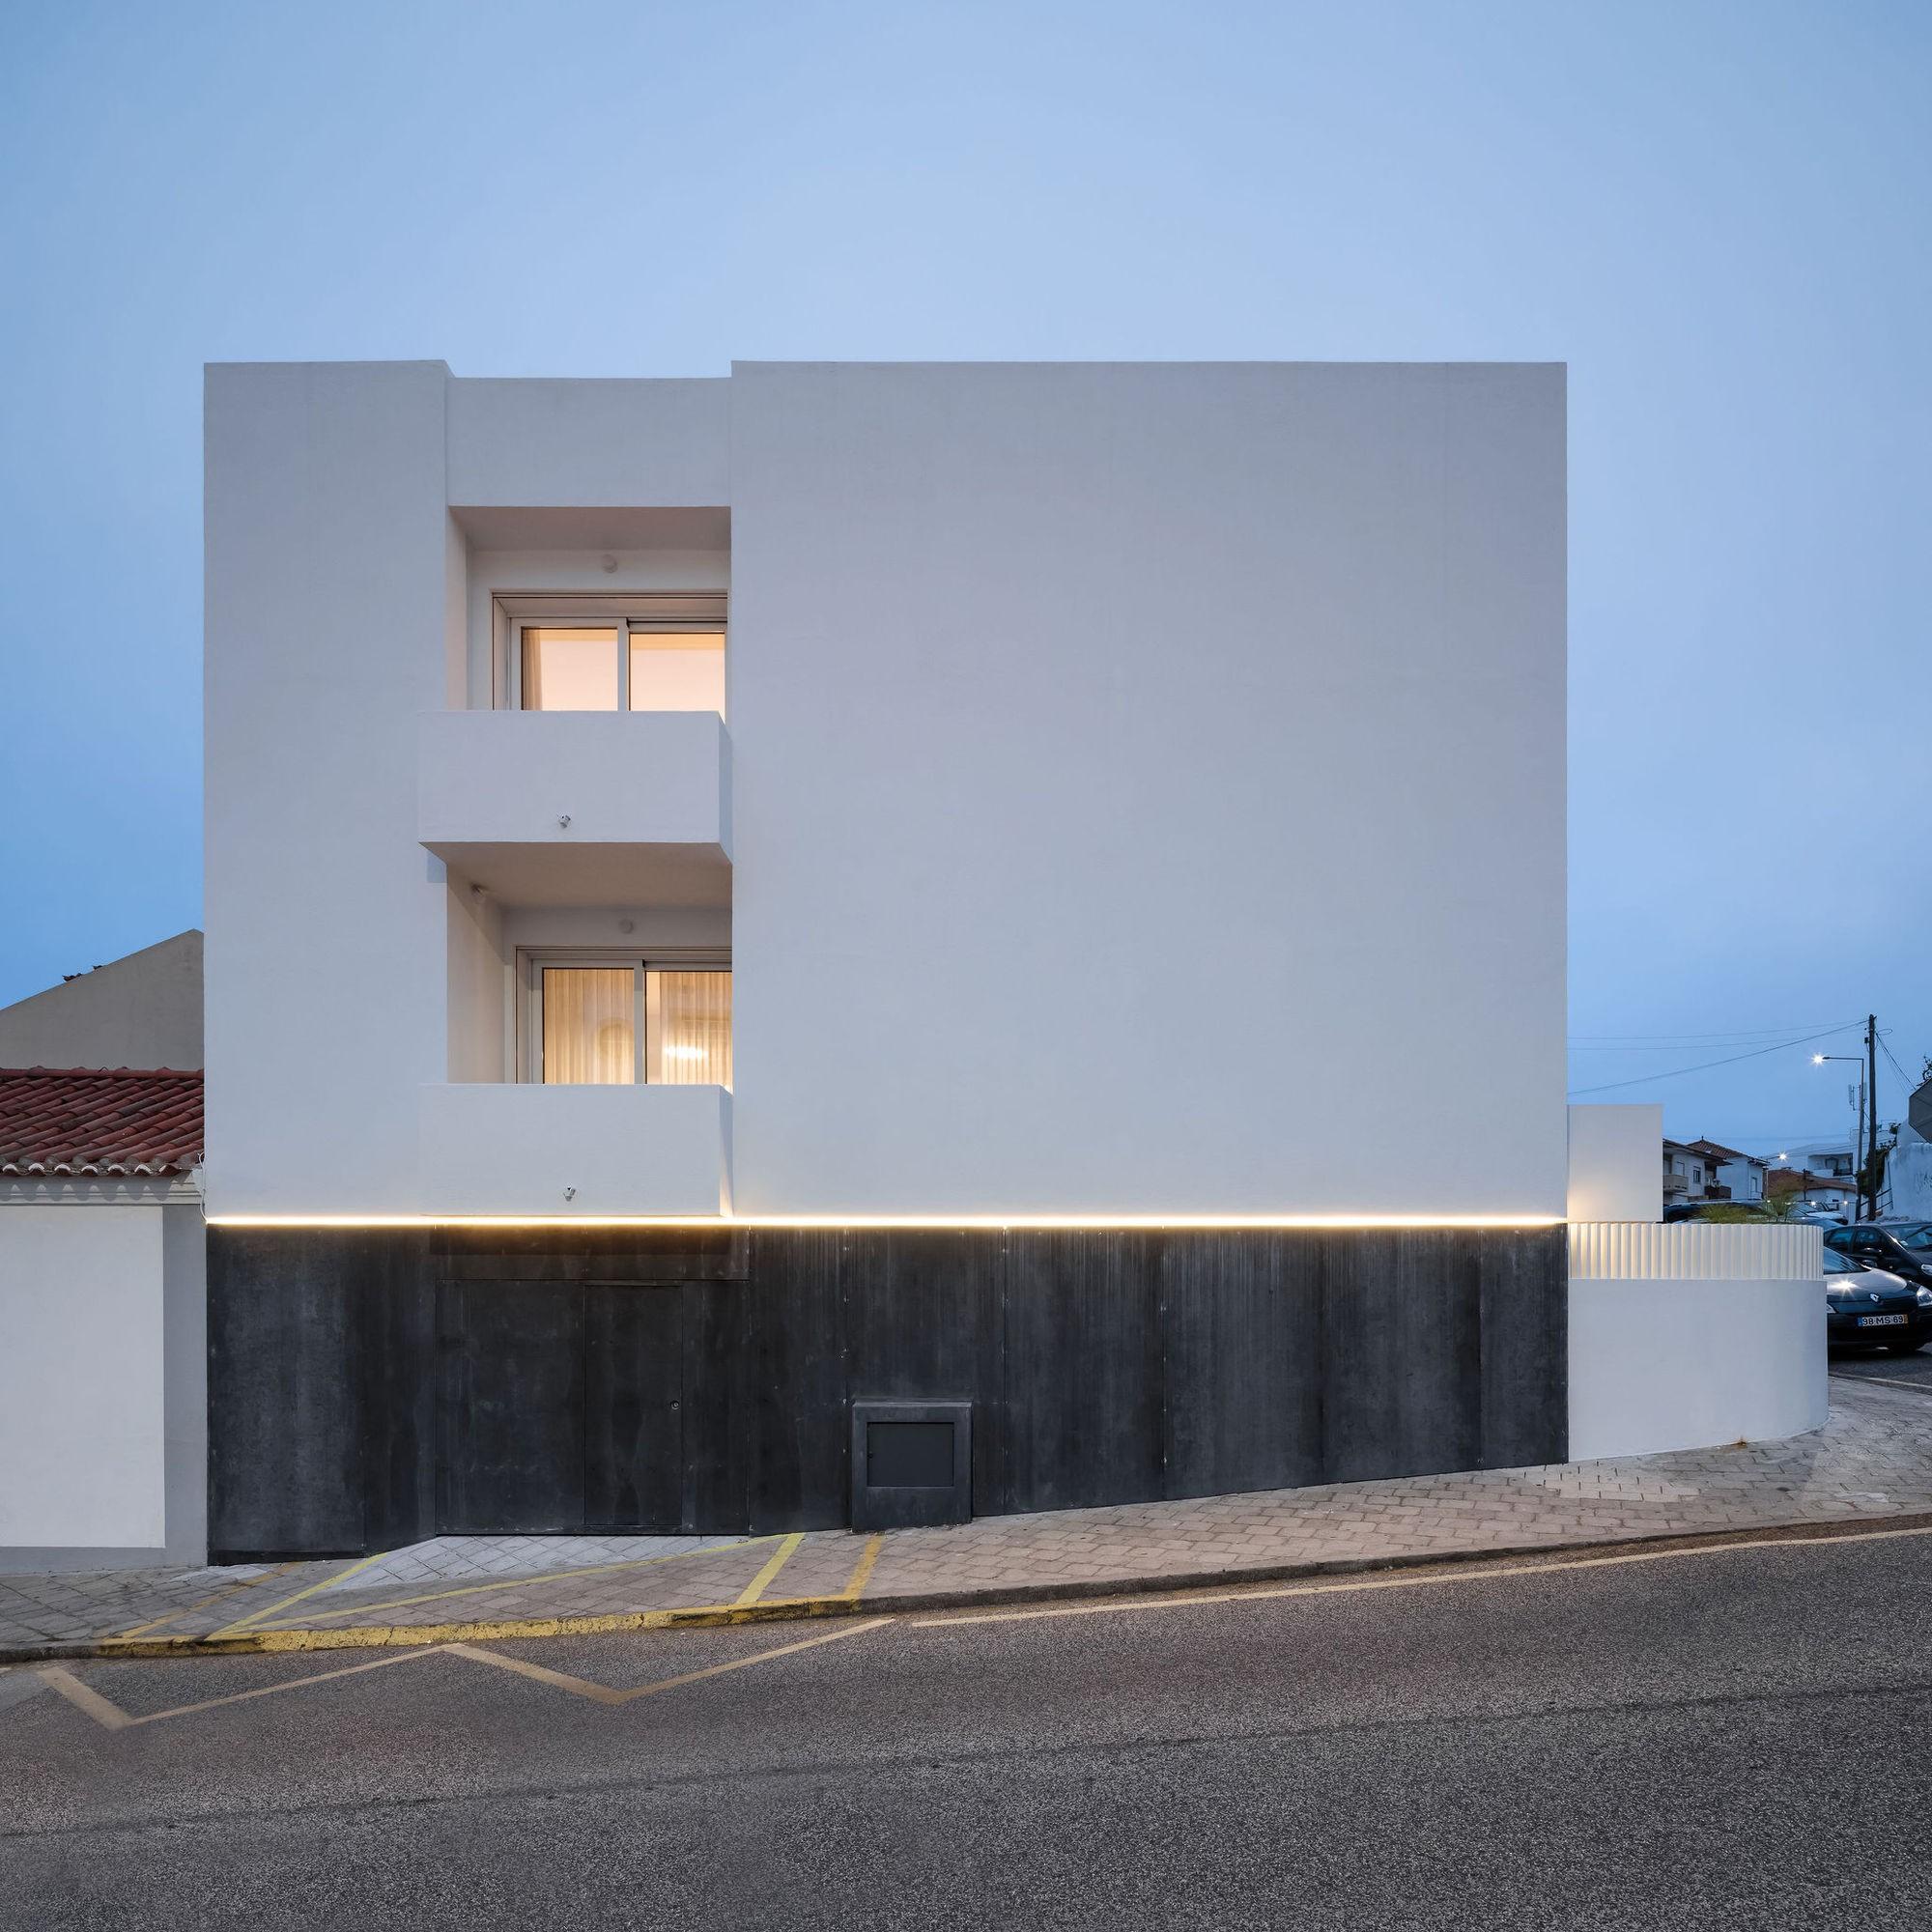 Частный дом с черно-белым фасадом и моторизованным окном на крыше